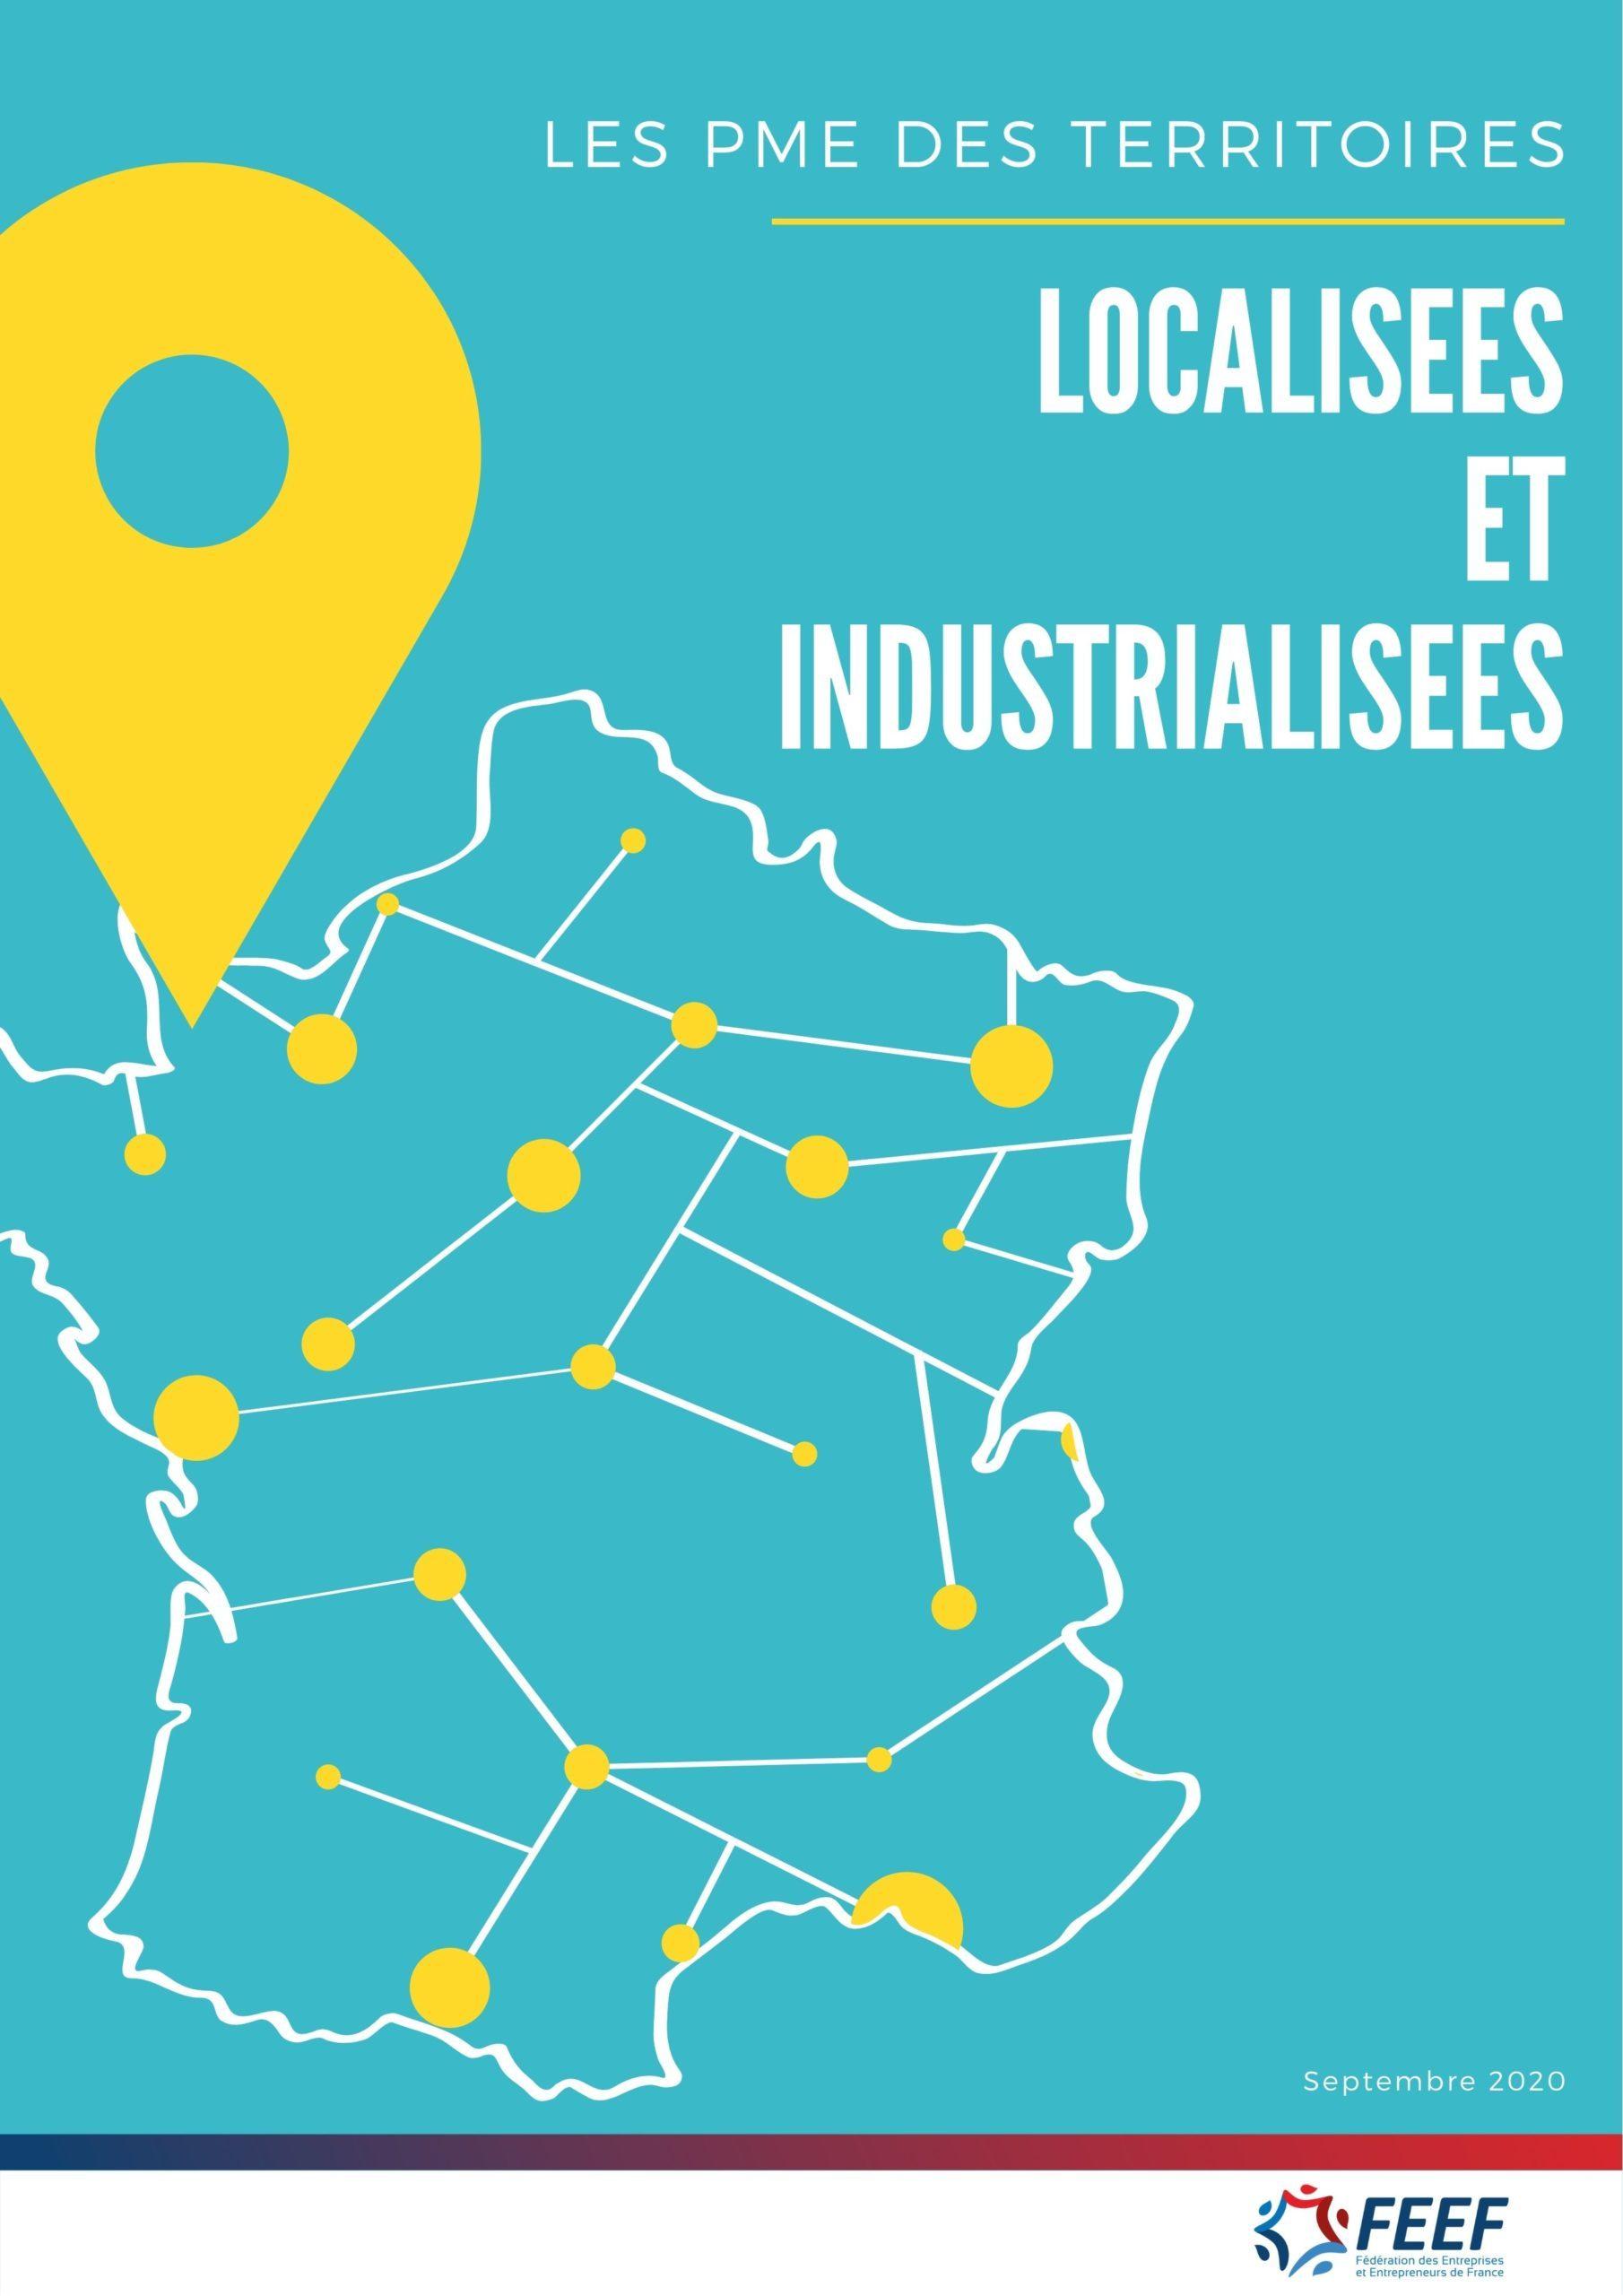 Les PME des Territoires : localisées et industrialisées